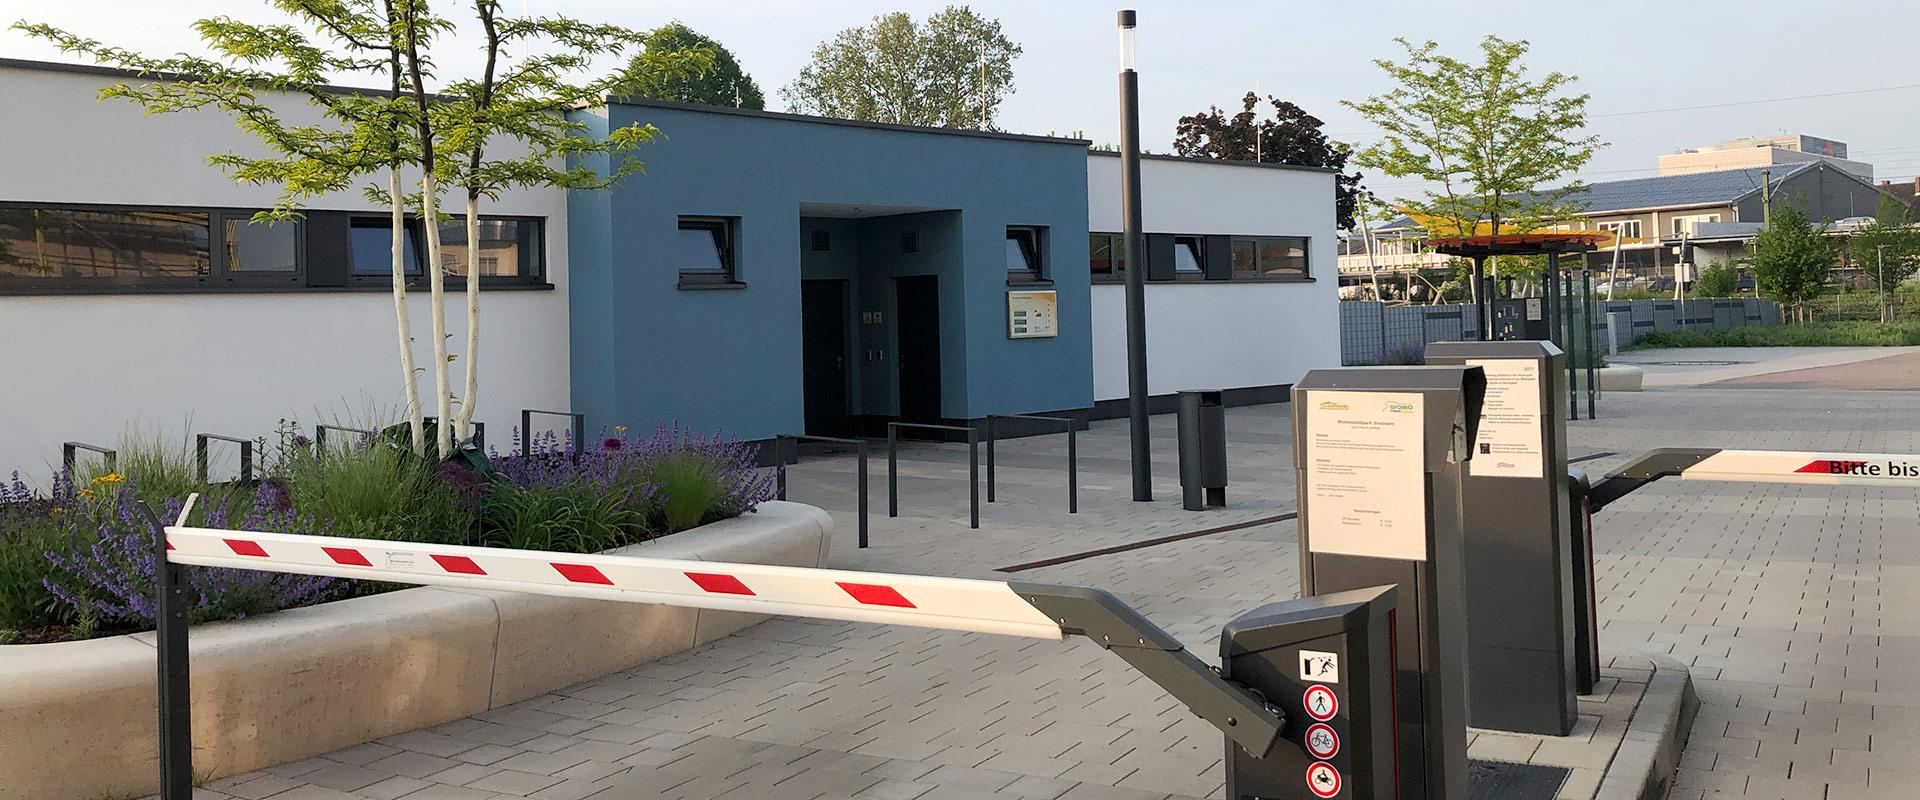 Wohnmobilstellplatz Sinsheim am Freibad